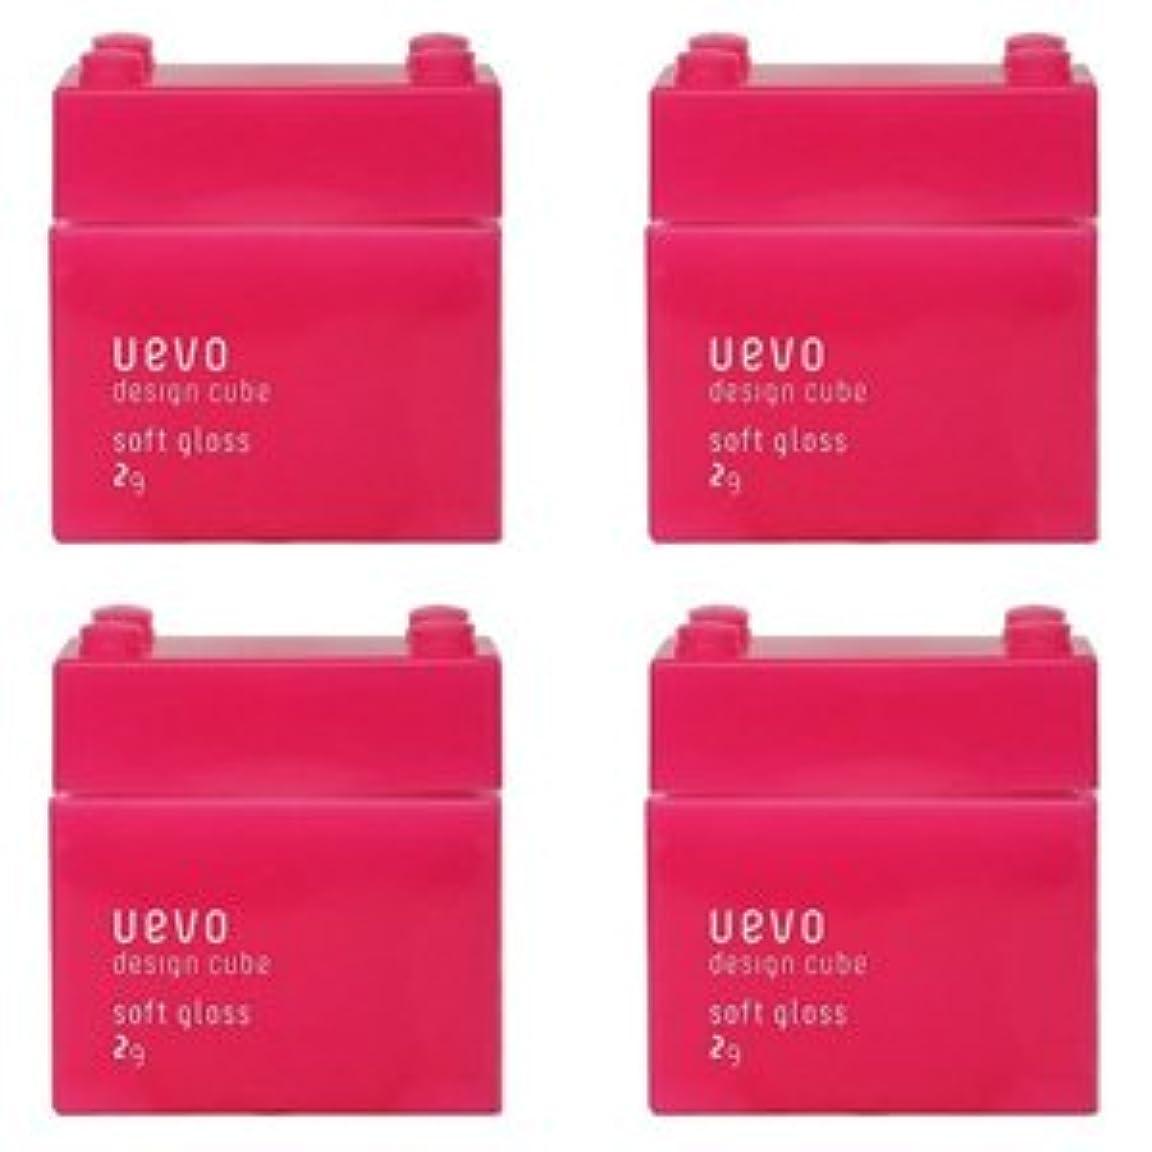 指定する行くセール【X4個セット】 デミ ウェーボ デザインキューブ ソフトグロス 80g soft gloss DEMI uevo design cube